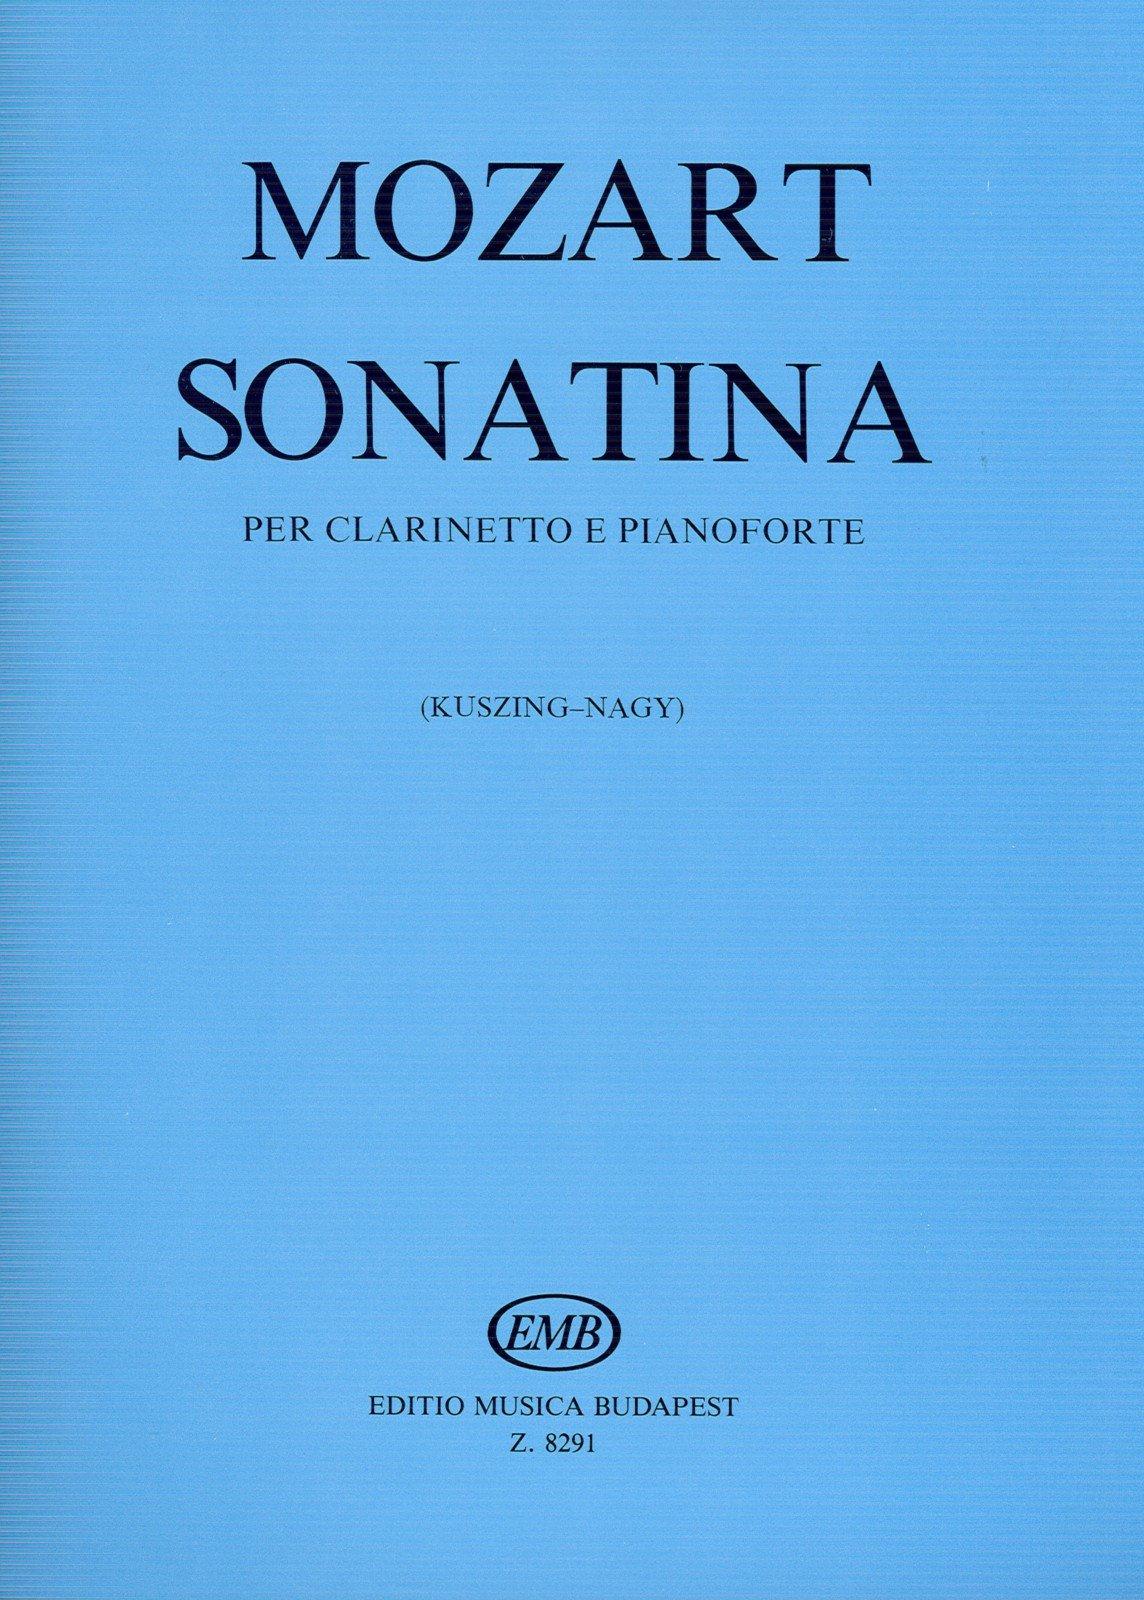 MOZART - Sonatina para Clarinete y Piano (Kuszing/Nagy)